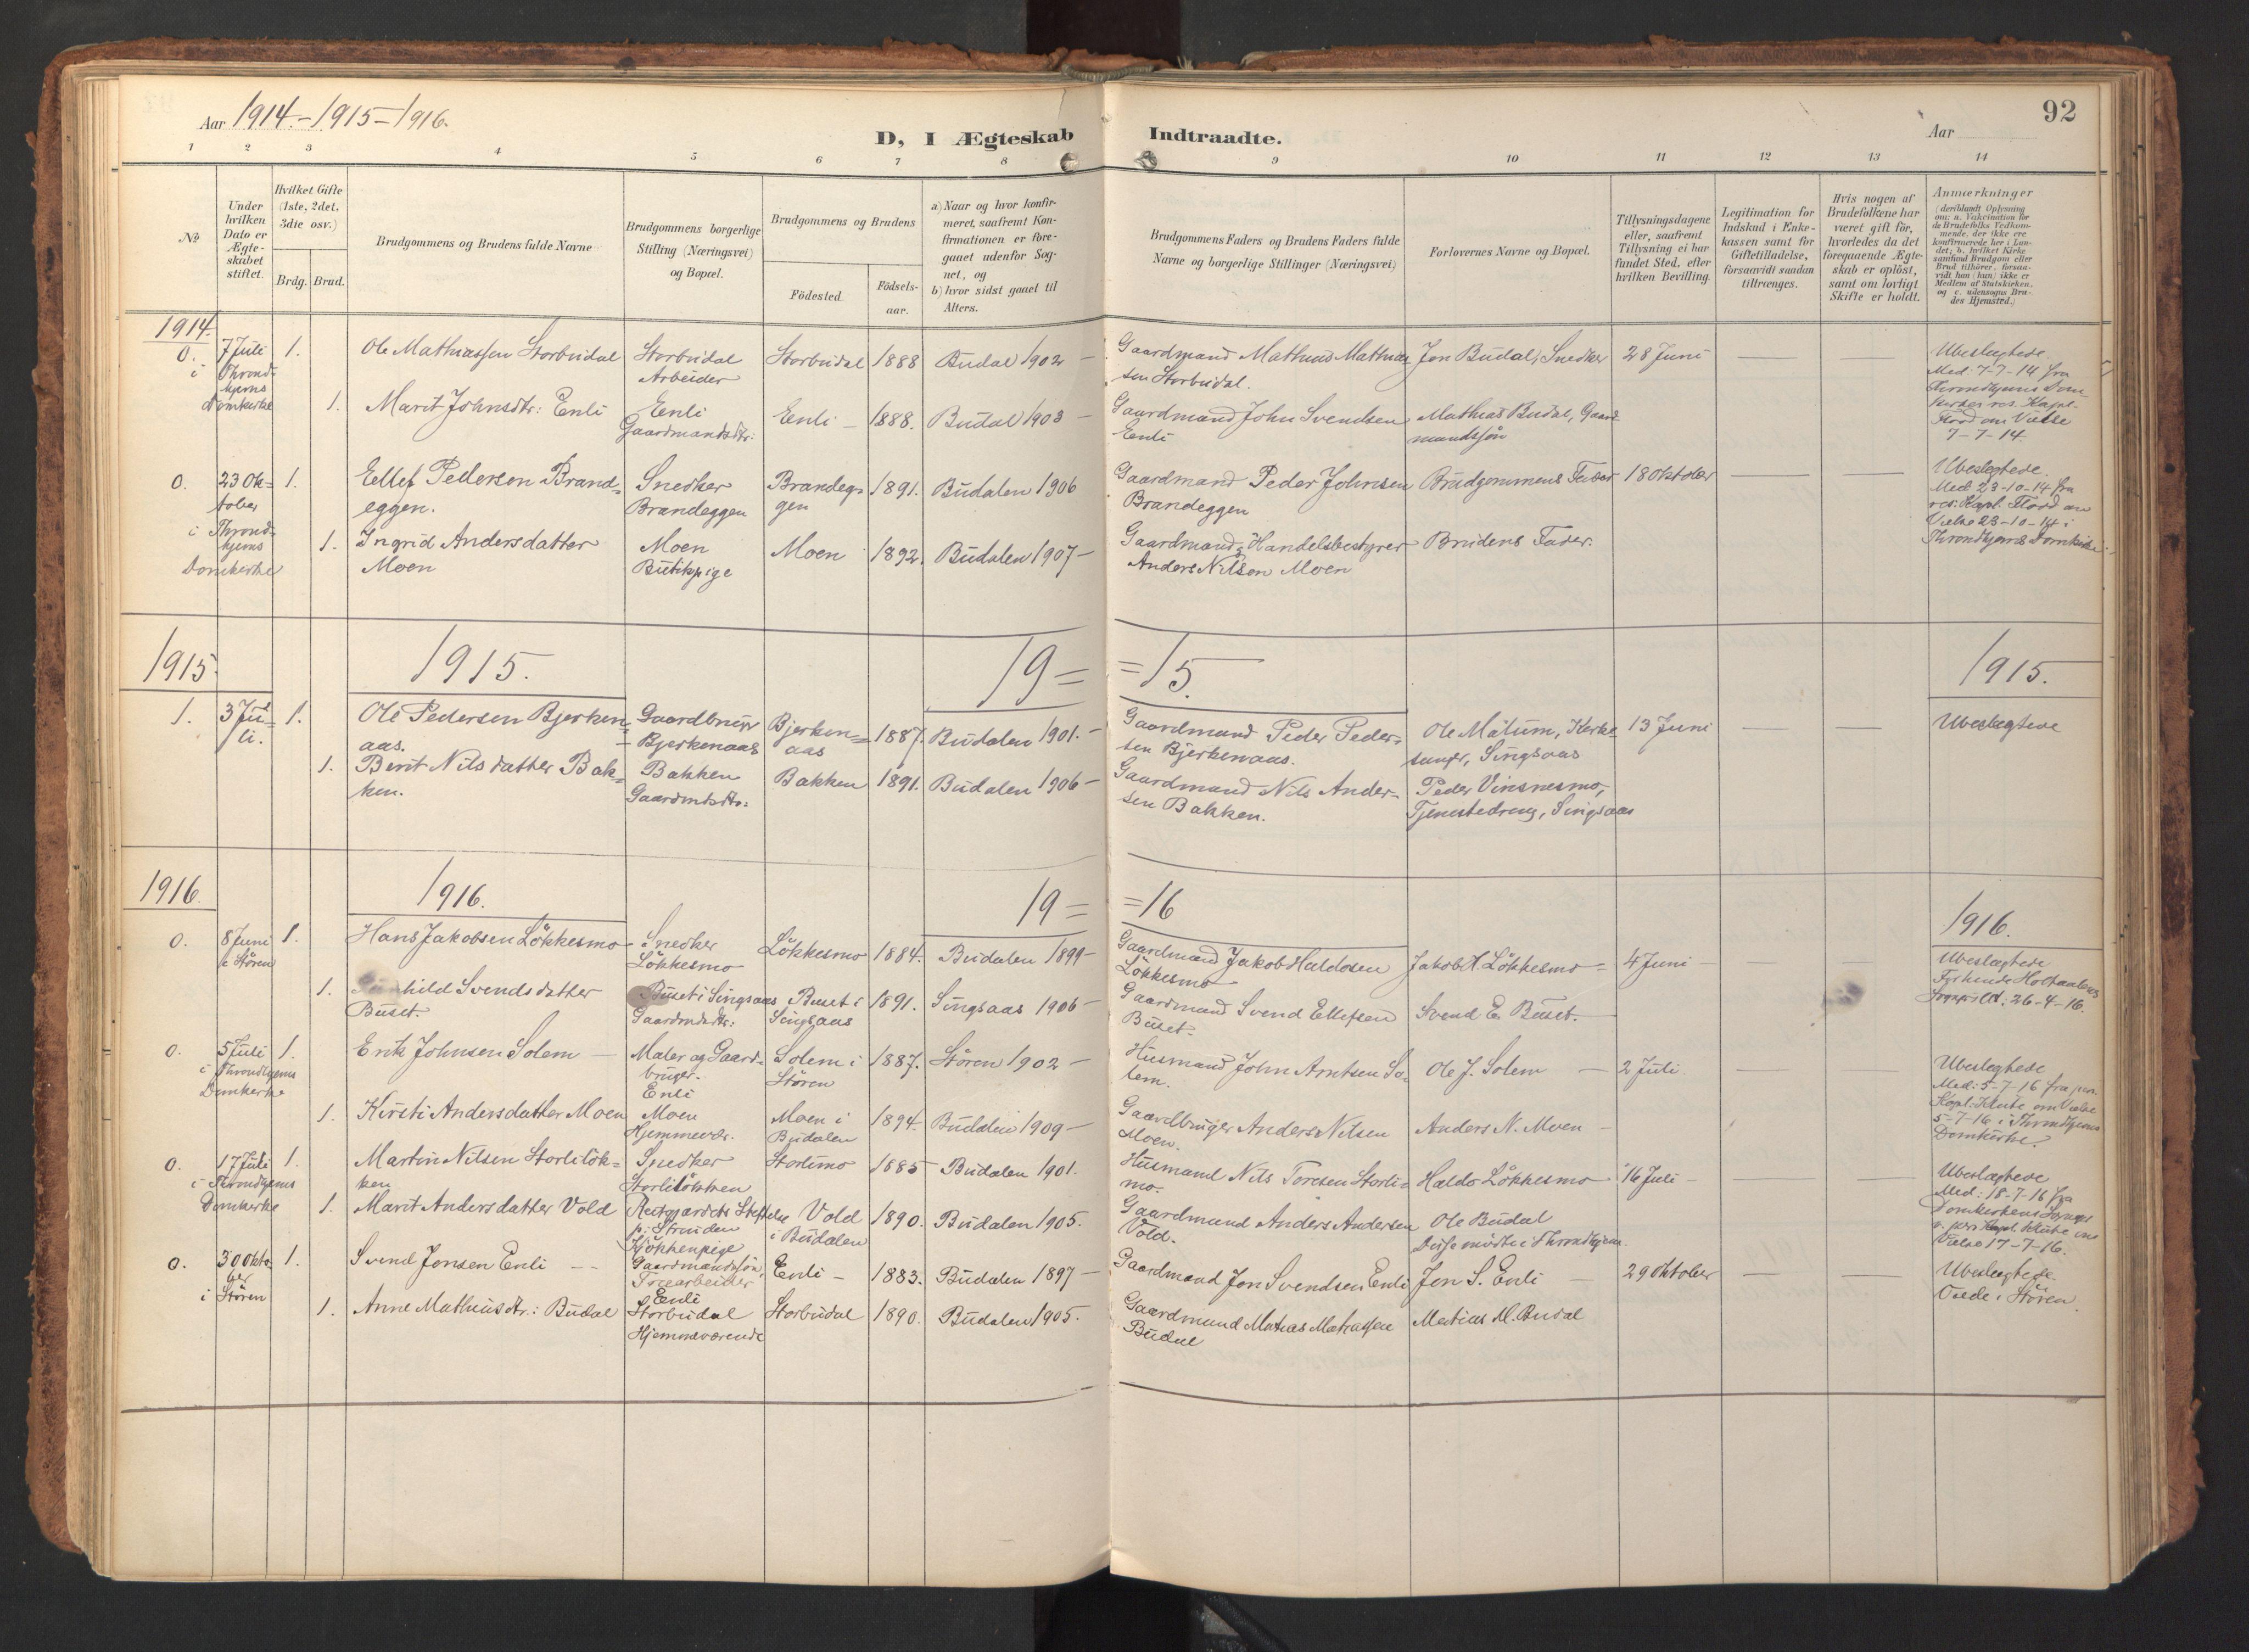 SAT, Ministerialprotokoller, klokkerbøker og fødselsregistre - Sør-Trøndelag, 690/L1050: Ministerialbok nr. 690A01, 1889-1929, s. 92